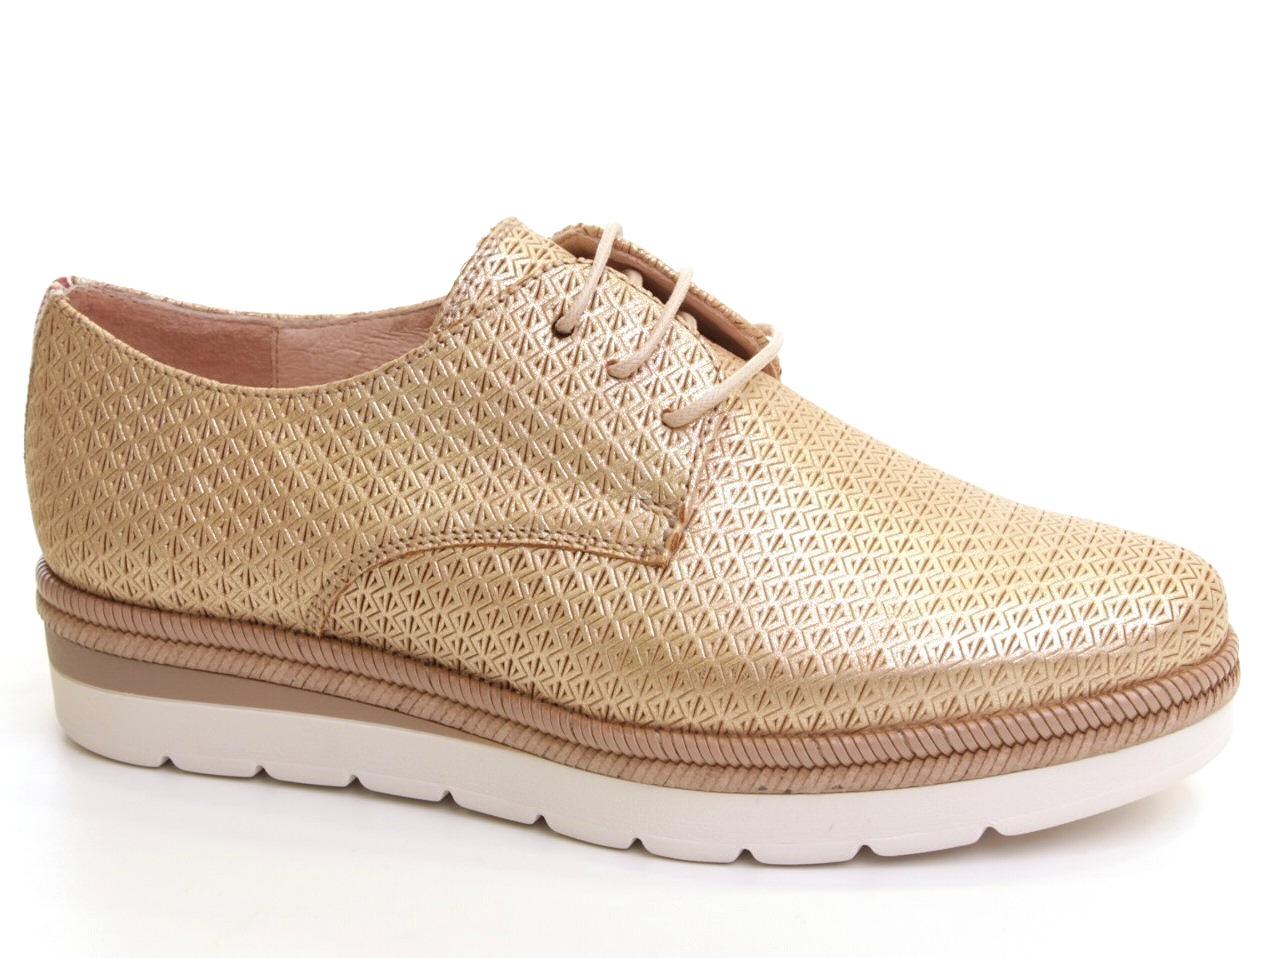 Zapatos Planos, Sabrinas, Mocassins Hispanitas - 165 HV62760